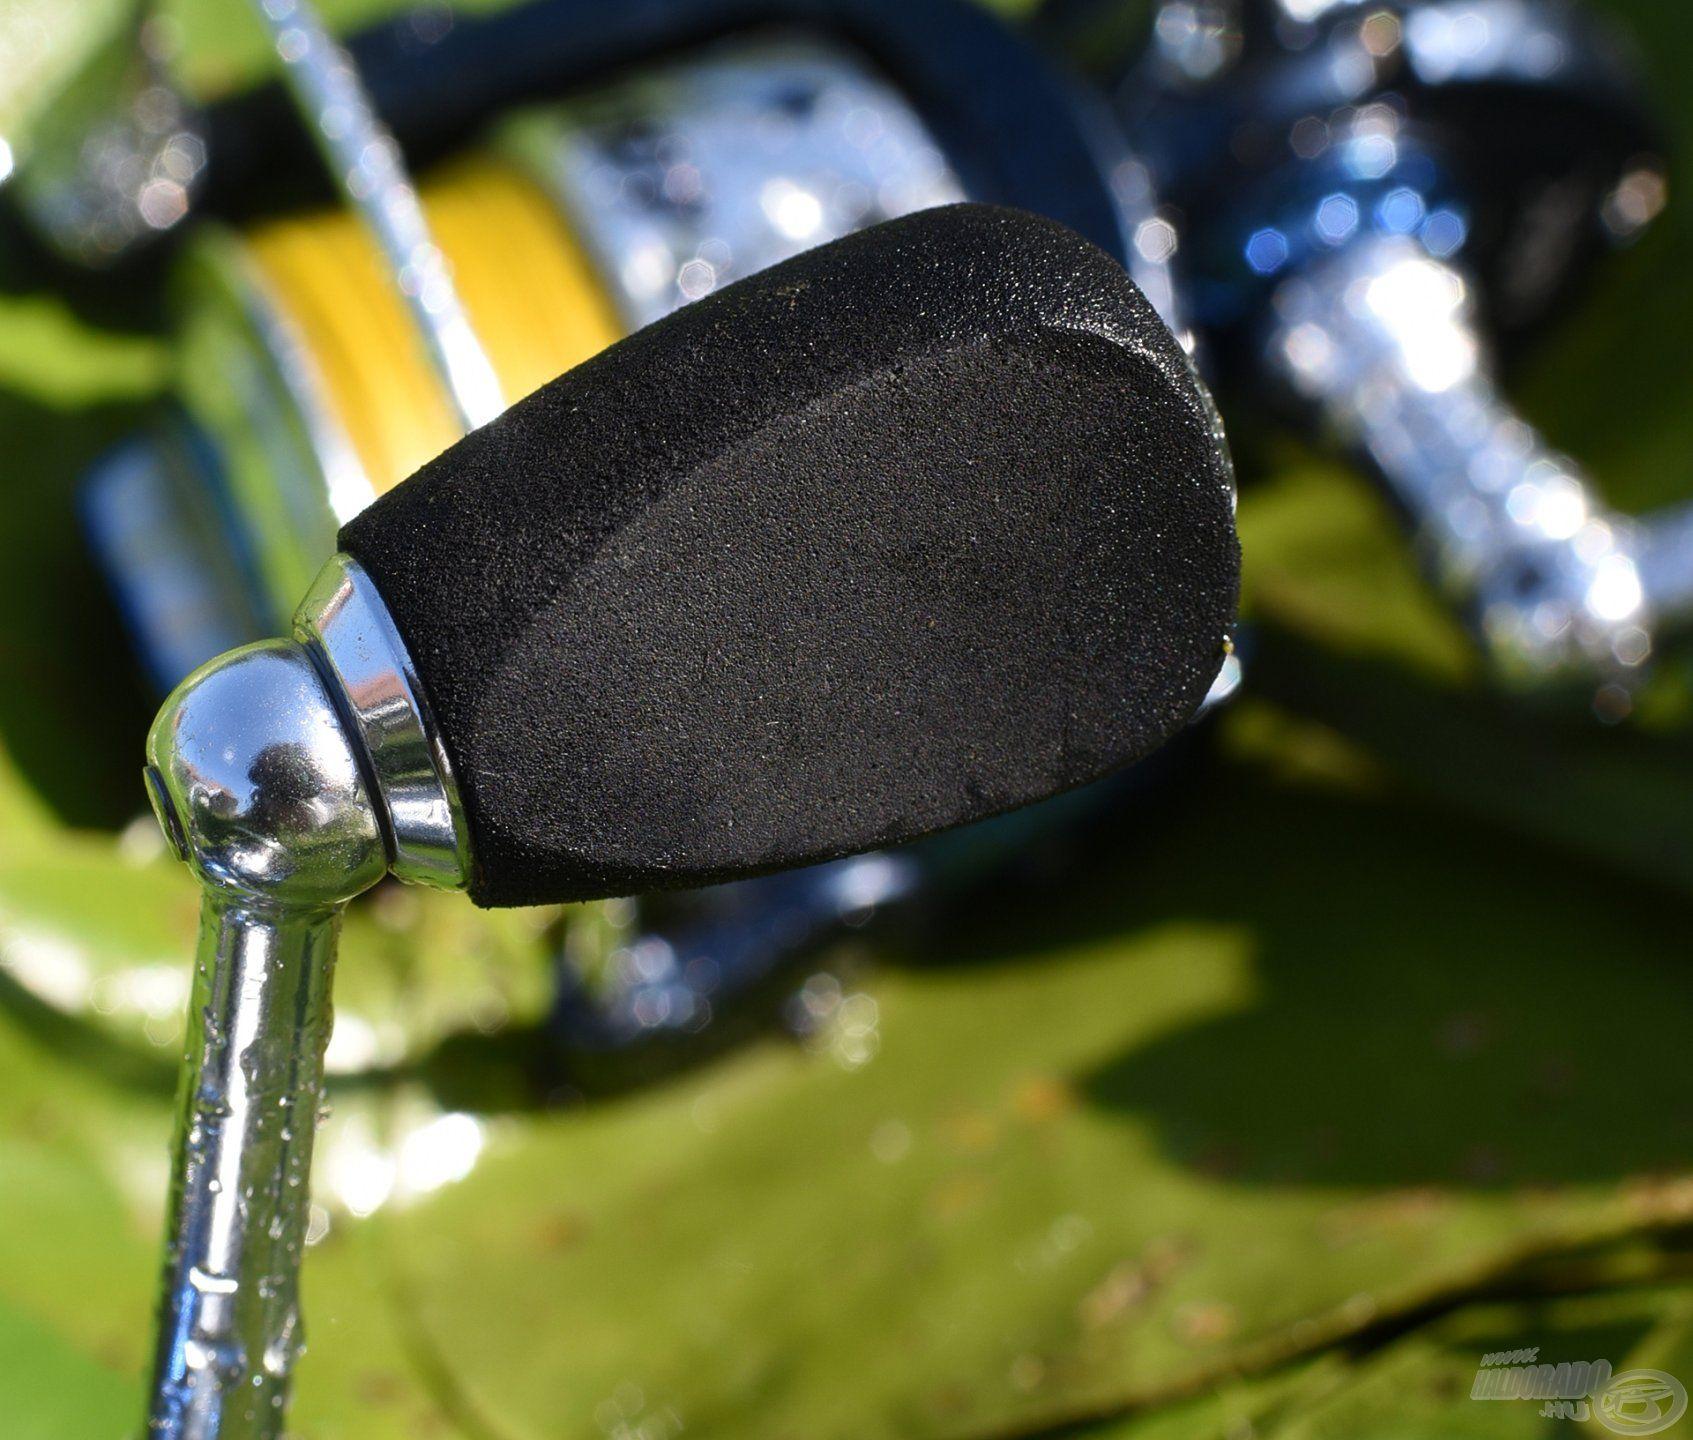 A hajtókar fogója a télen is kényelmes fogást biztosító EVA anyagból készült, ami rendkívül kézhez álló